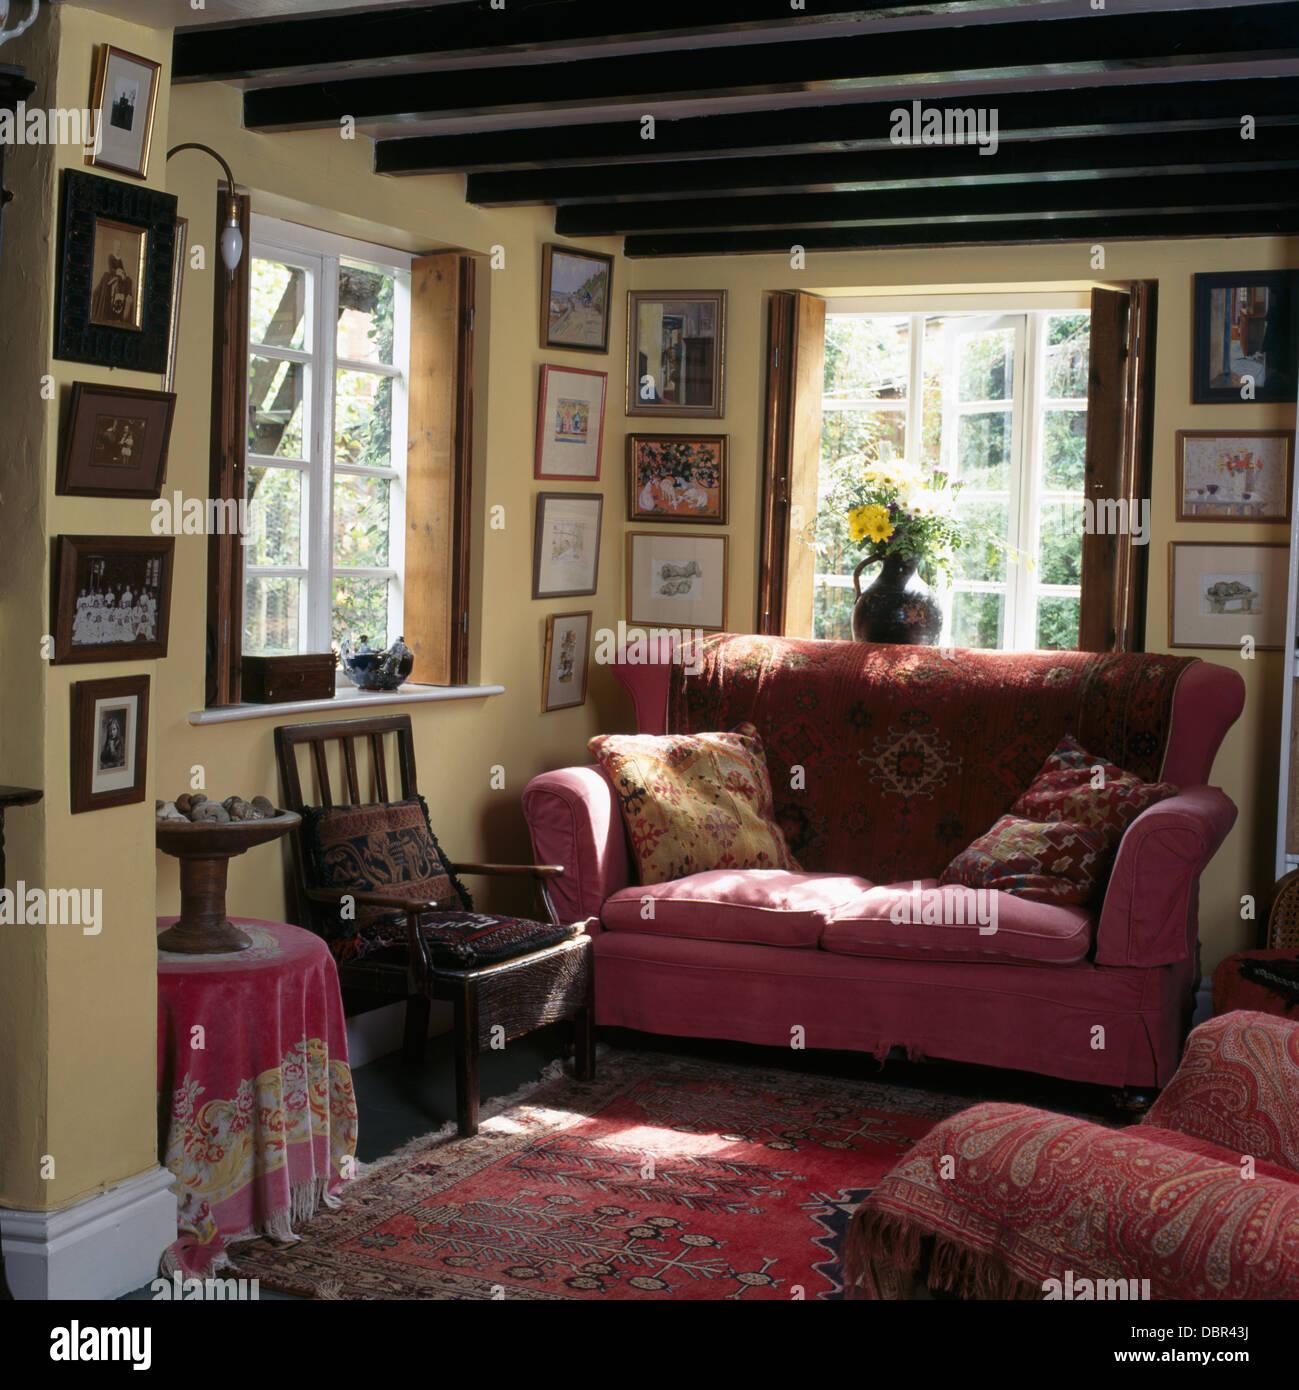 Sofa Vor Fenster rosa sofa vor fenster in holzbalken ferienhaus wohnzimmer mit